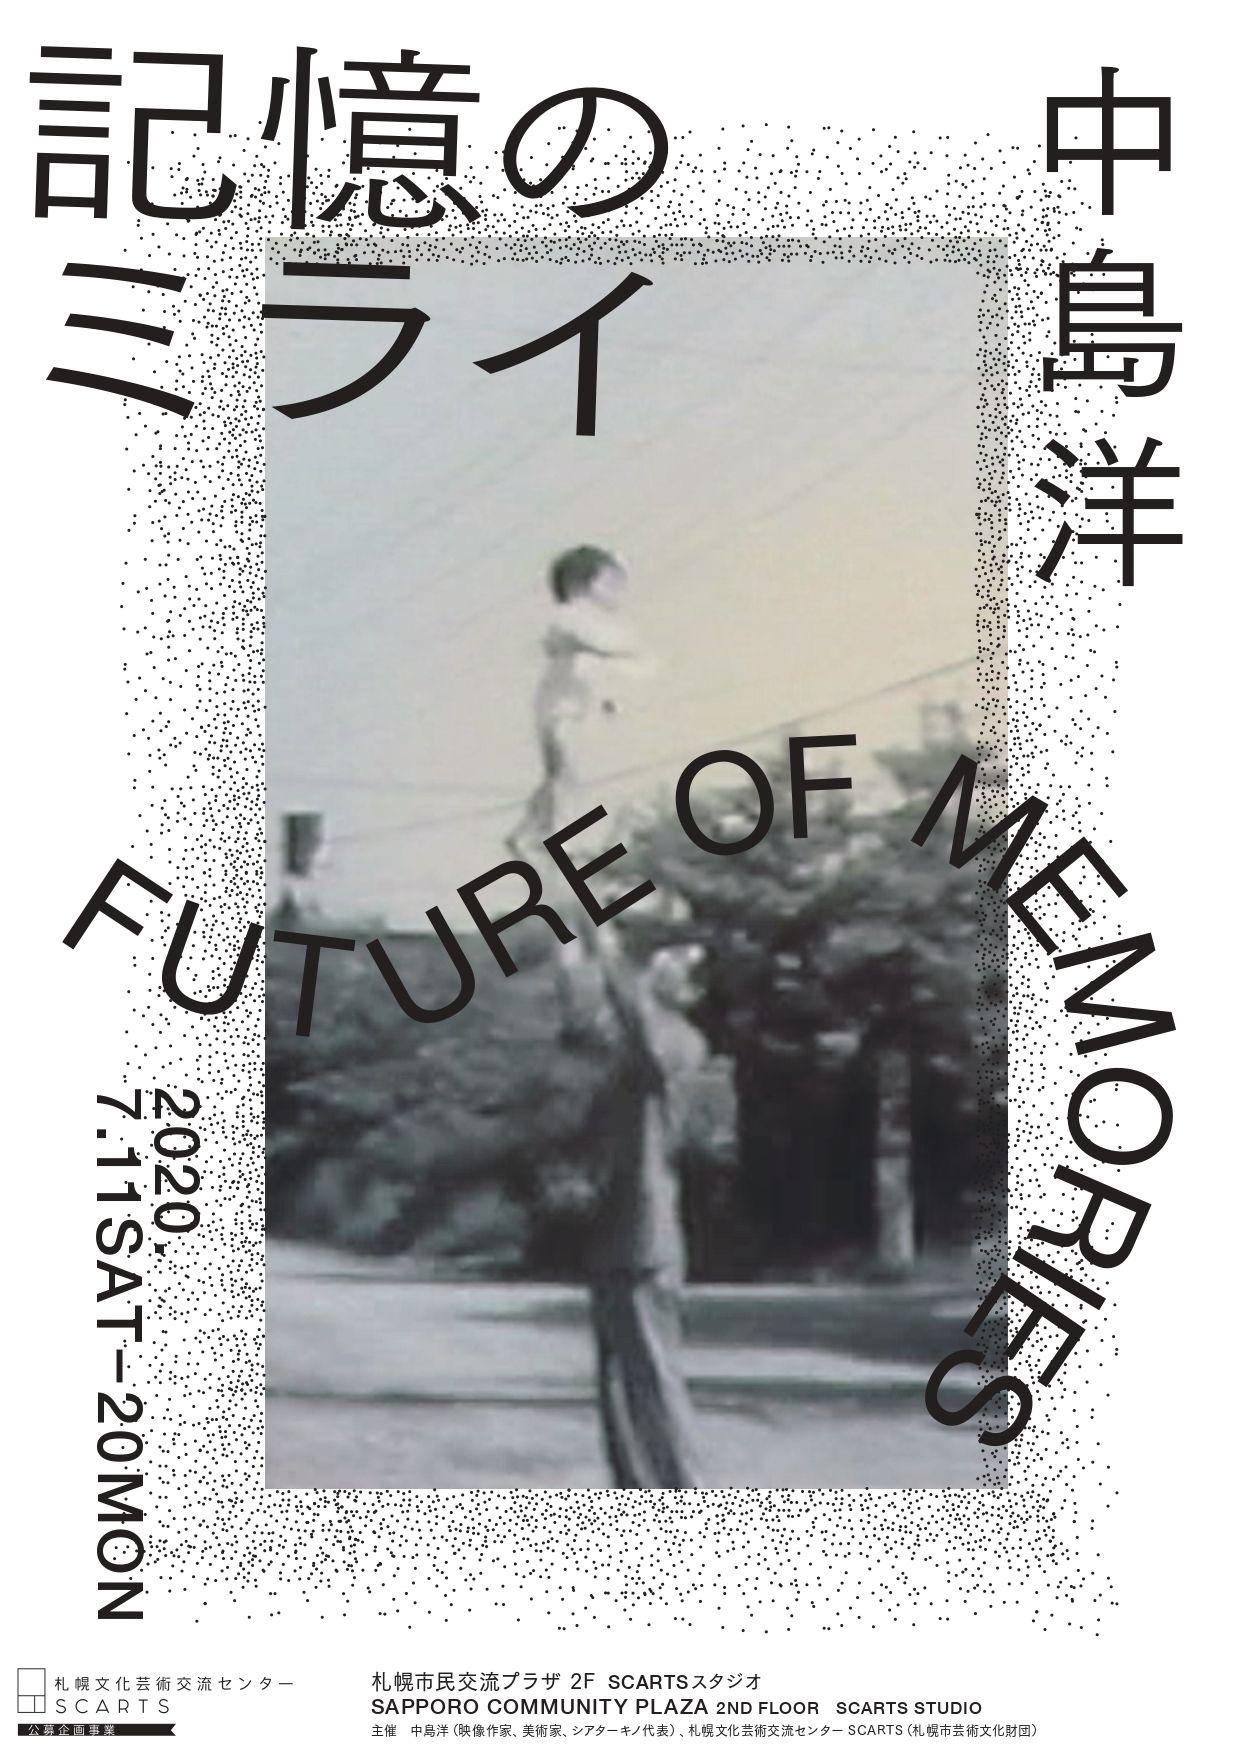 中島洋 市民参加型アートプロジェクト「記憶のミライ」(札幌文化芸術交流センター SCARTS 公募企画事業) イメージ画像